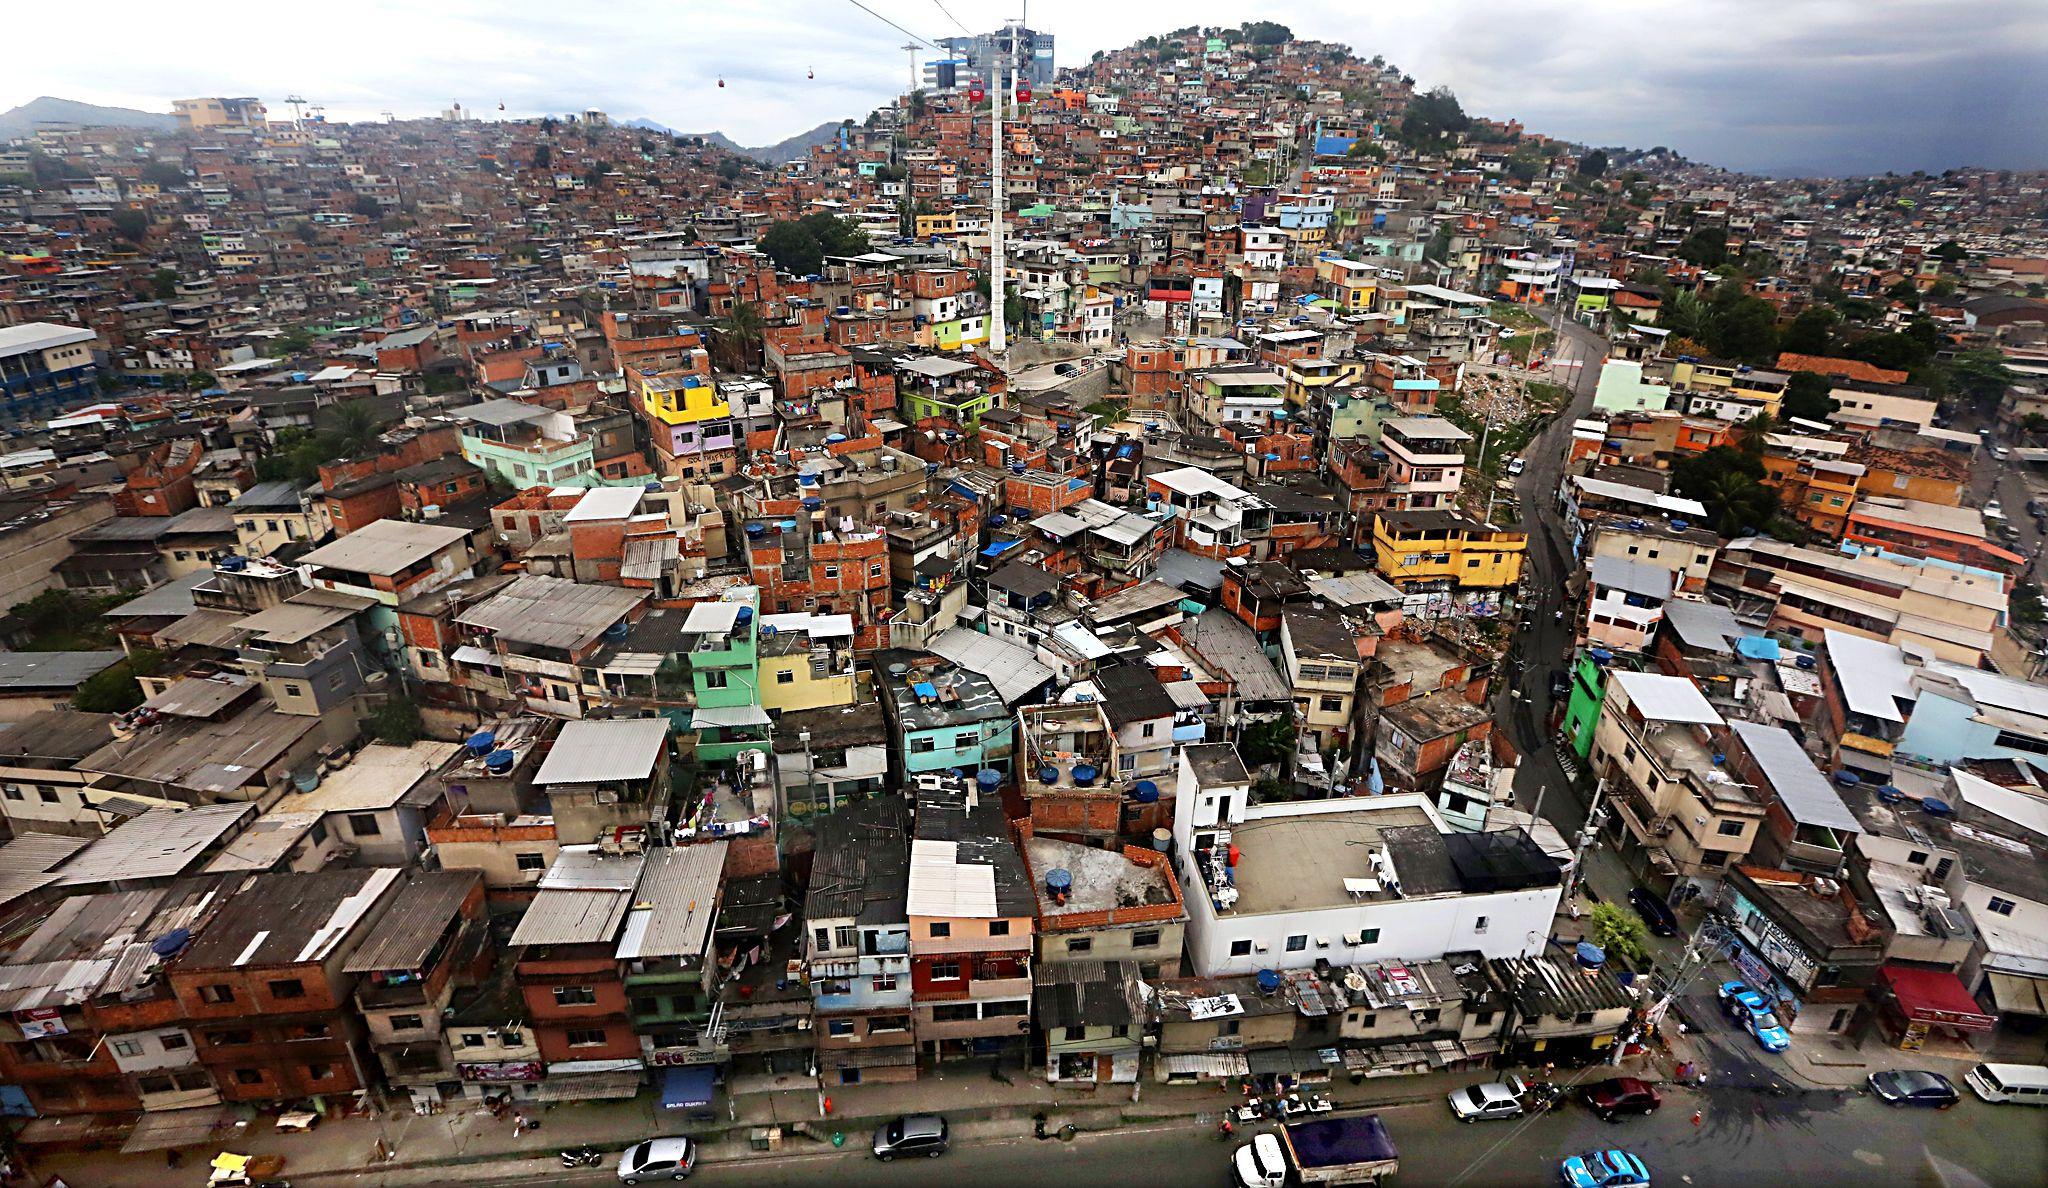 Mexico City Shanty Towns